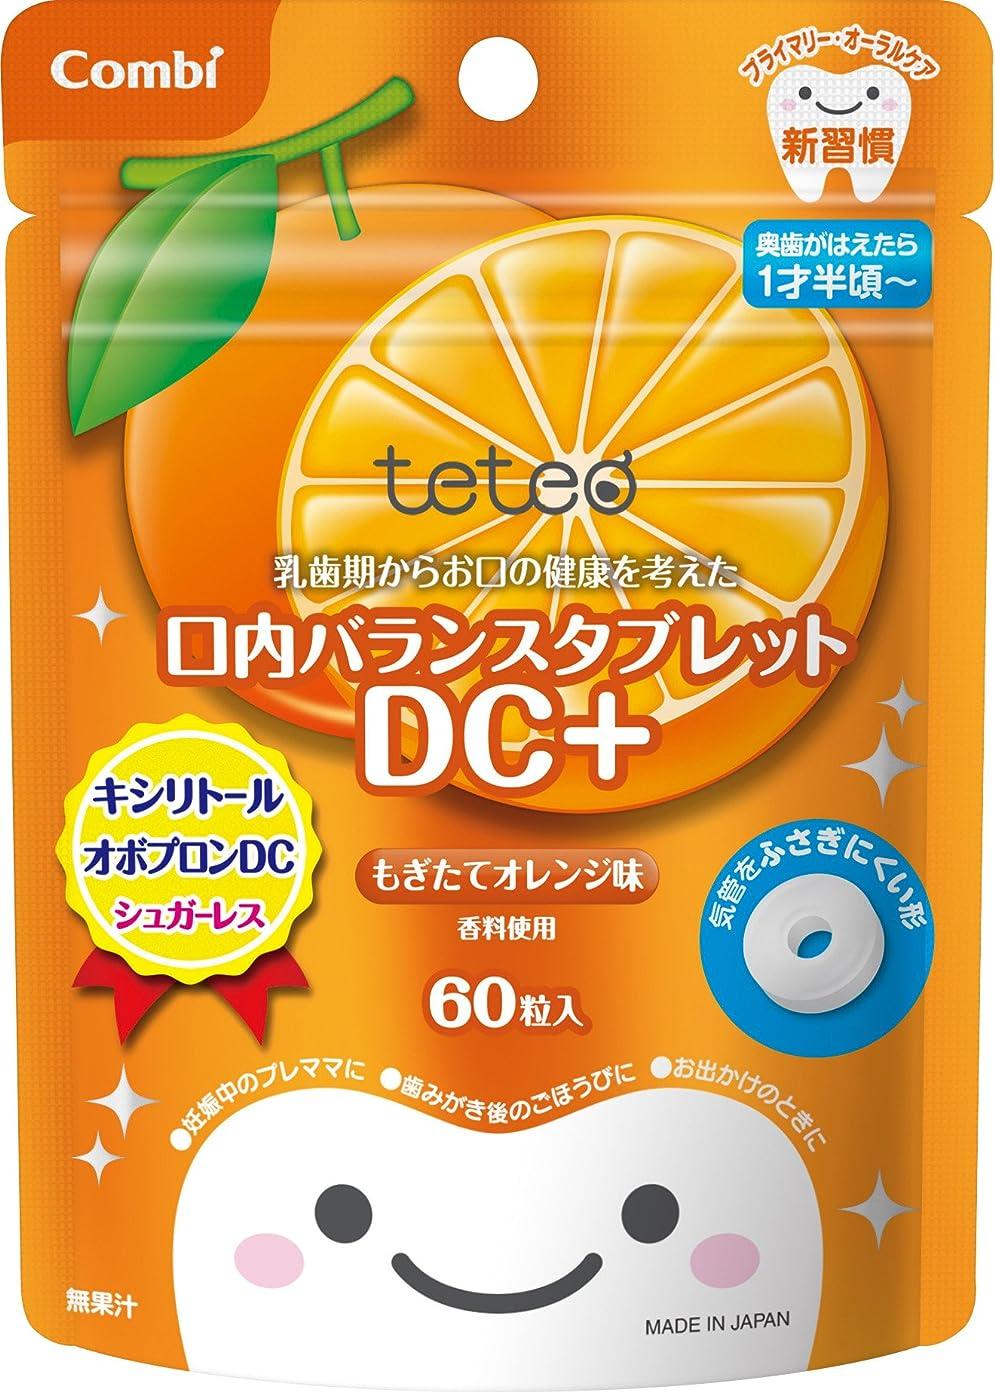 未亡人協会荒れ地コンビ テテオ 乳歯期からお口の健康を考えた 口内バランスタブレット DC+ もぎたてオレンジ味 60粒入